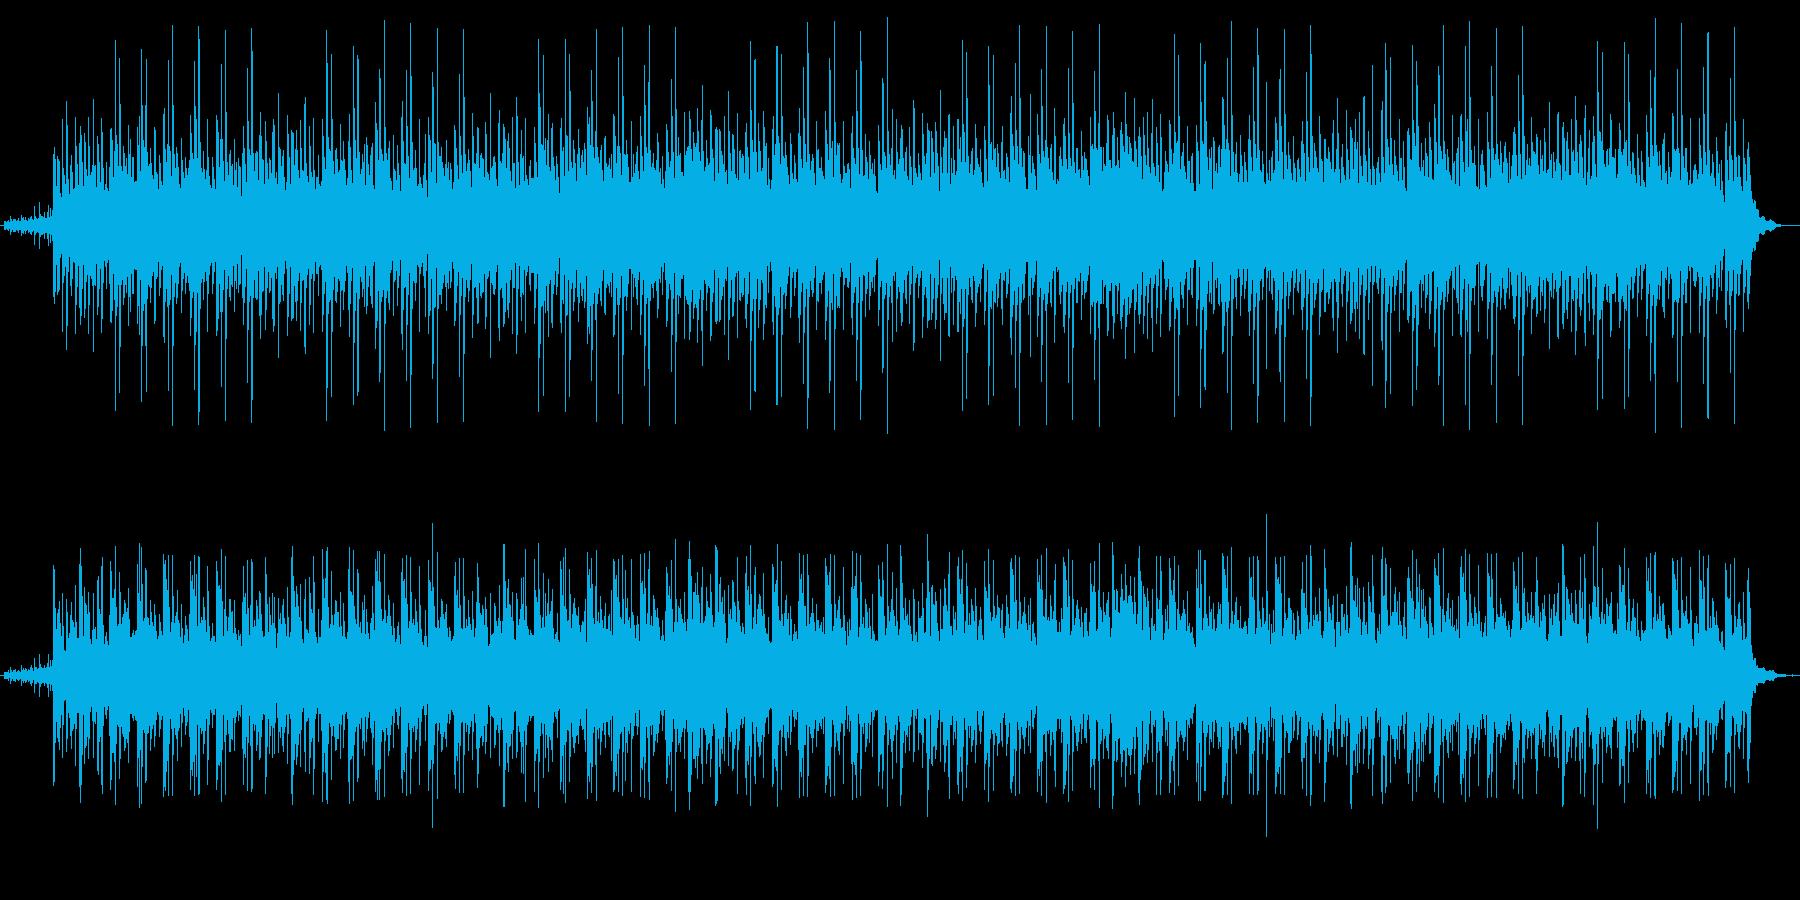 リラクゼーションシーンに最適なBGMの再生済みの波形